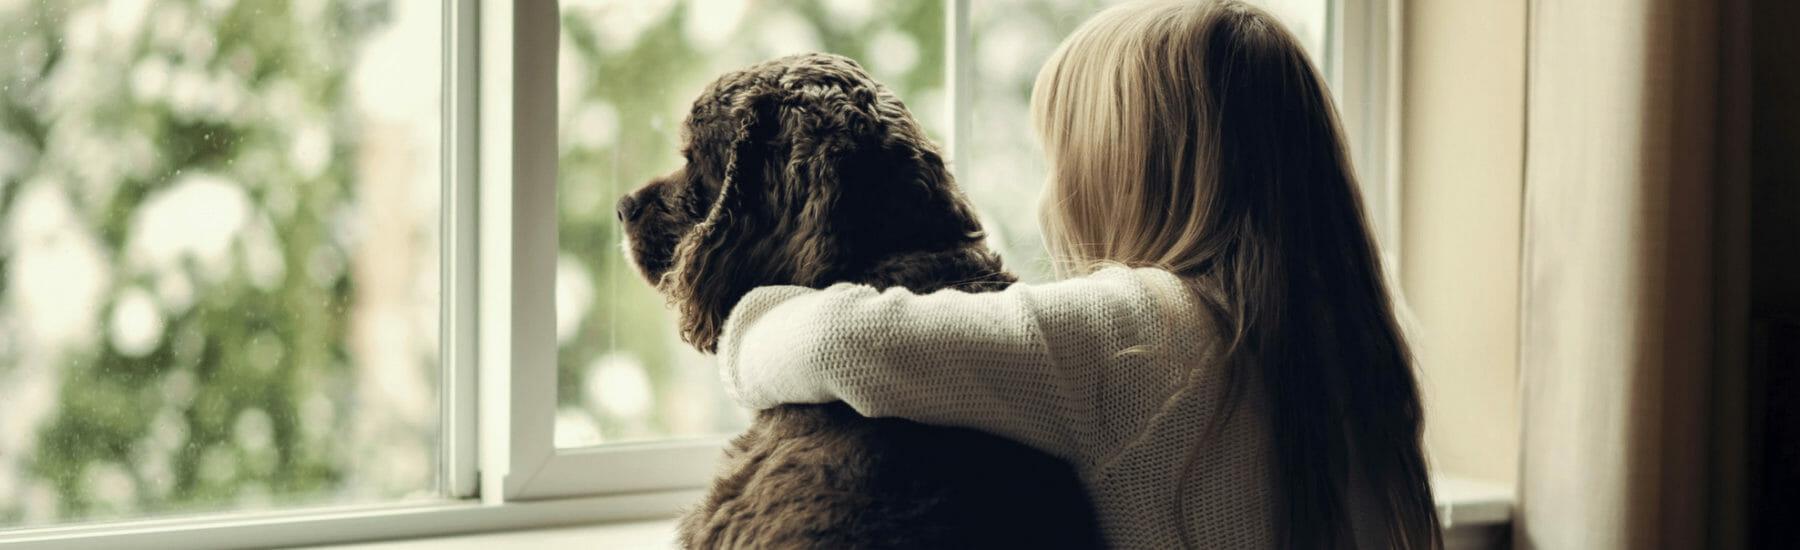 Propriétaire et chien noir regardant par la fenêtre